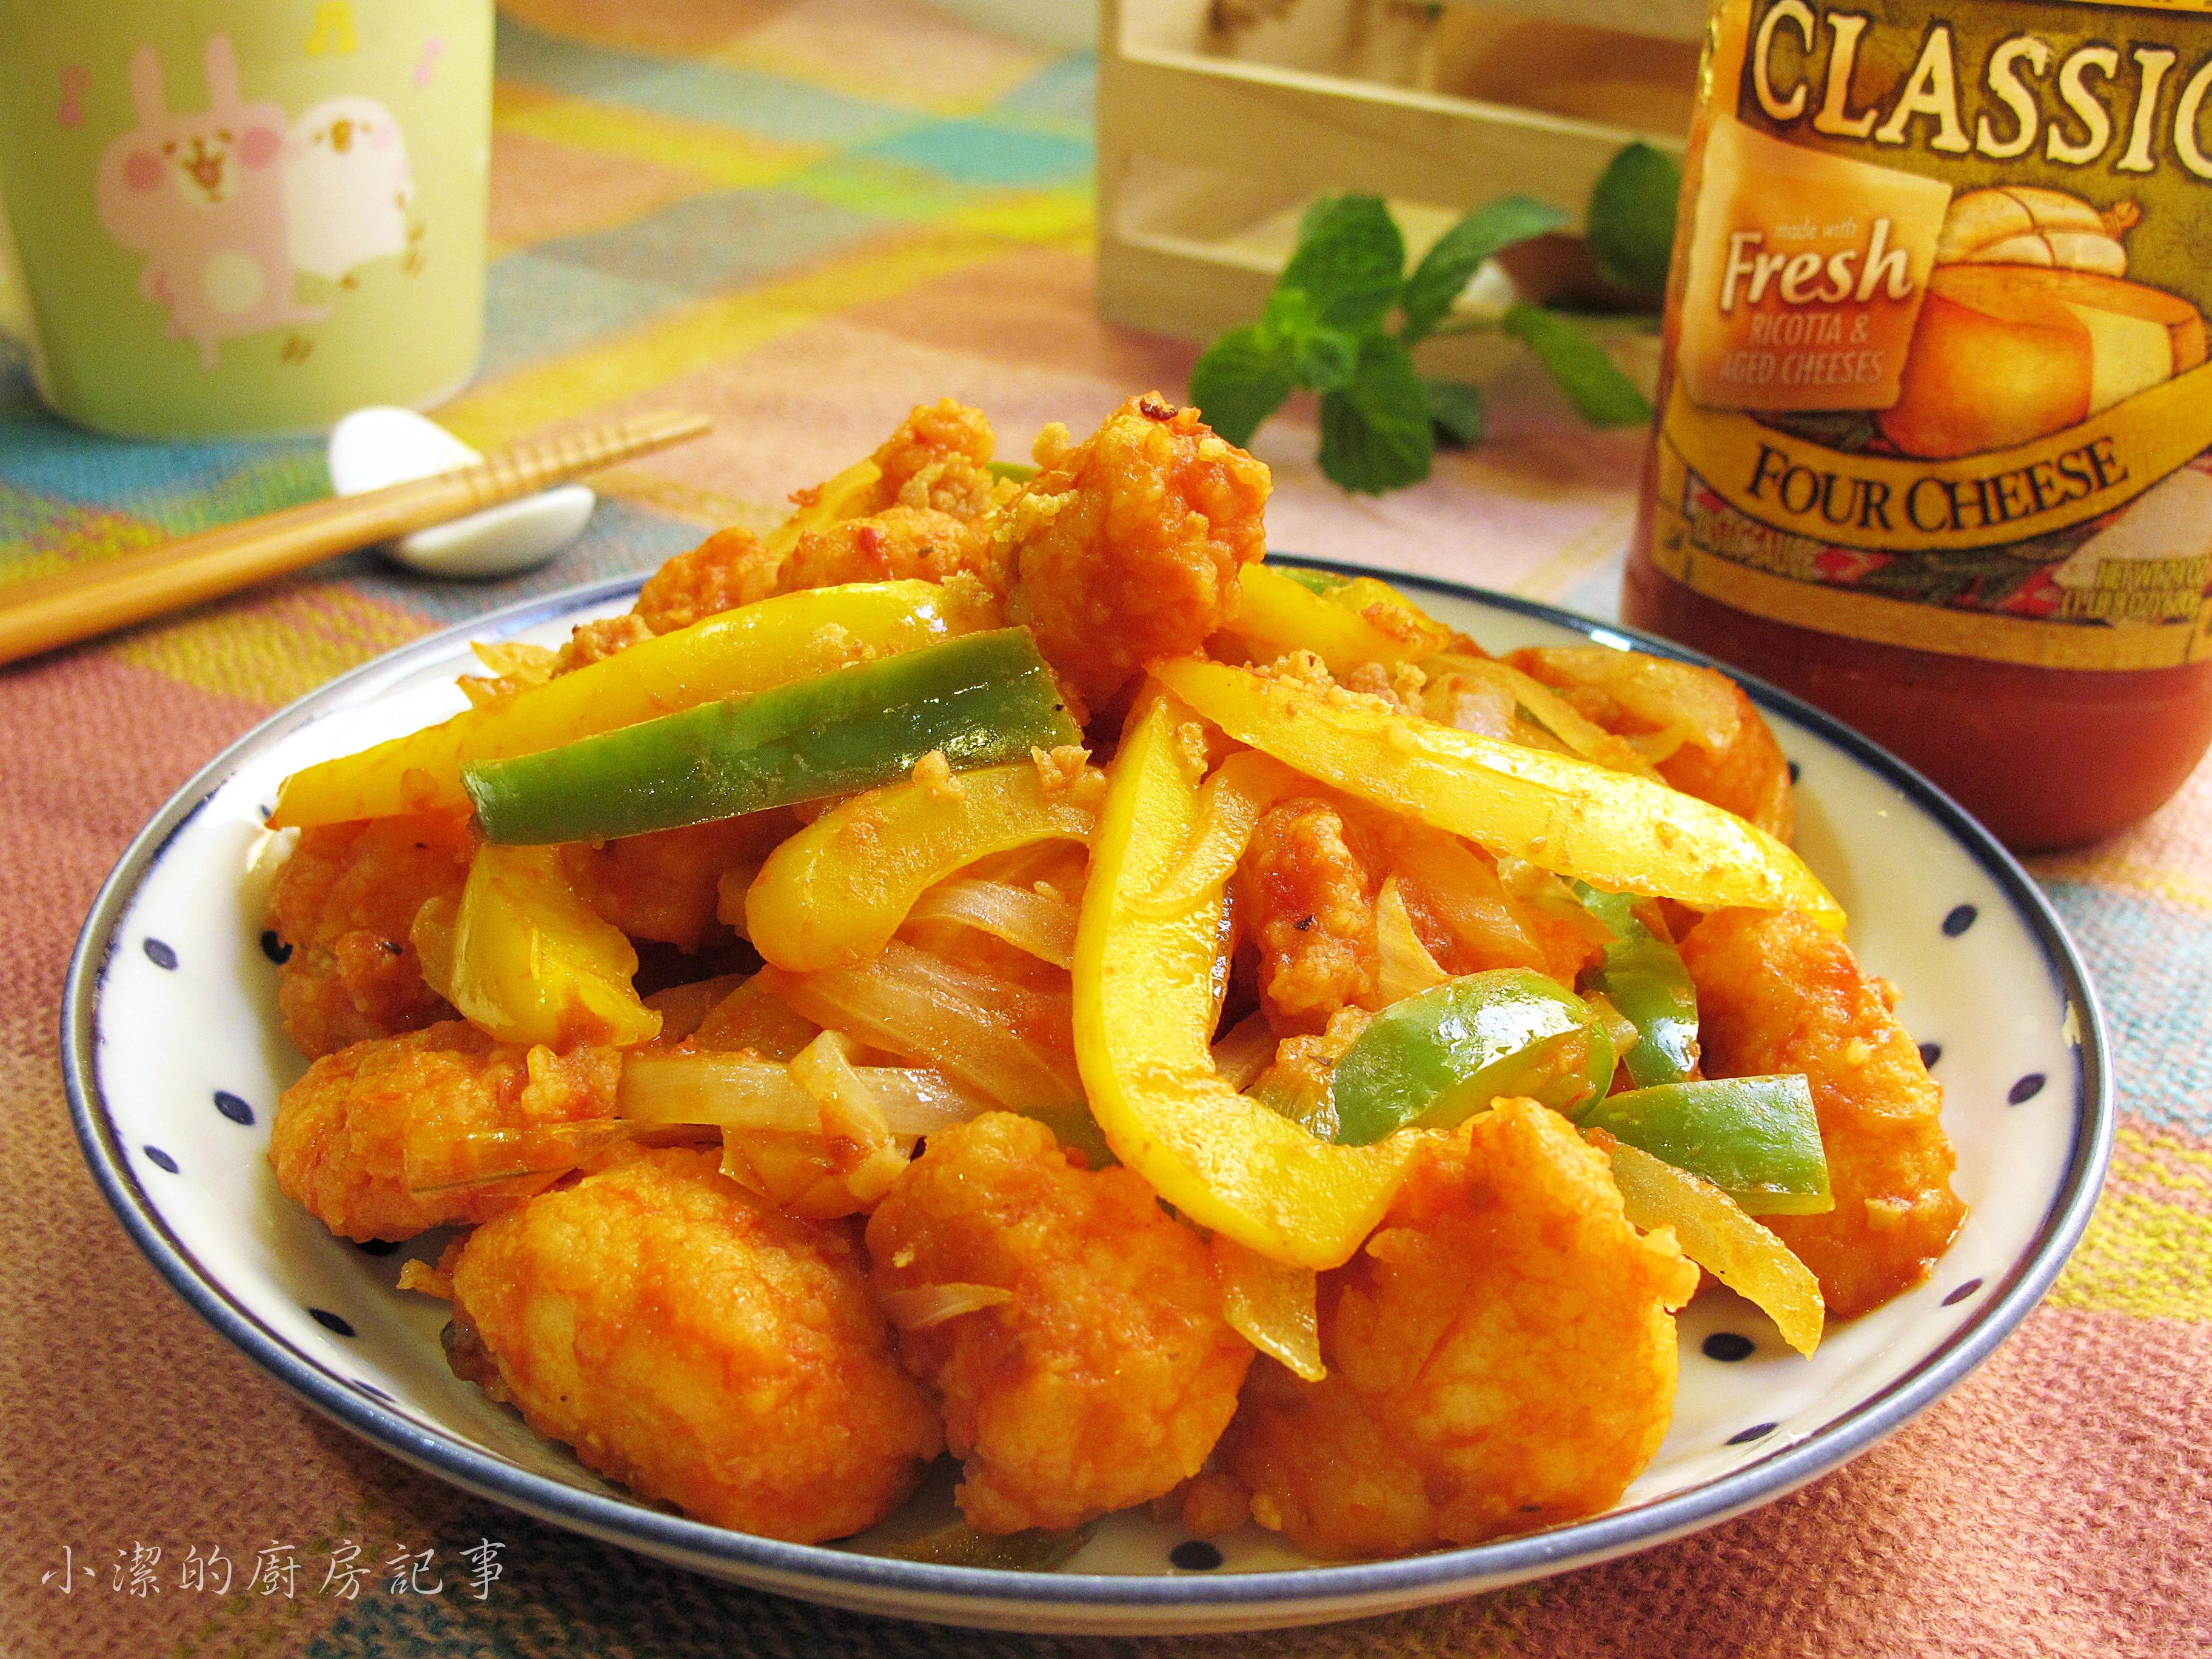 義式紅醬雞球【CLASSICO義麵醬】